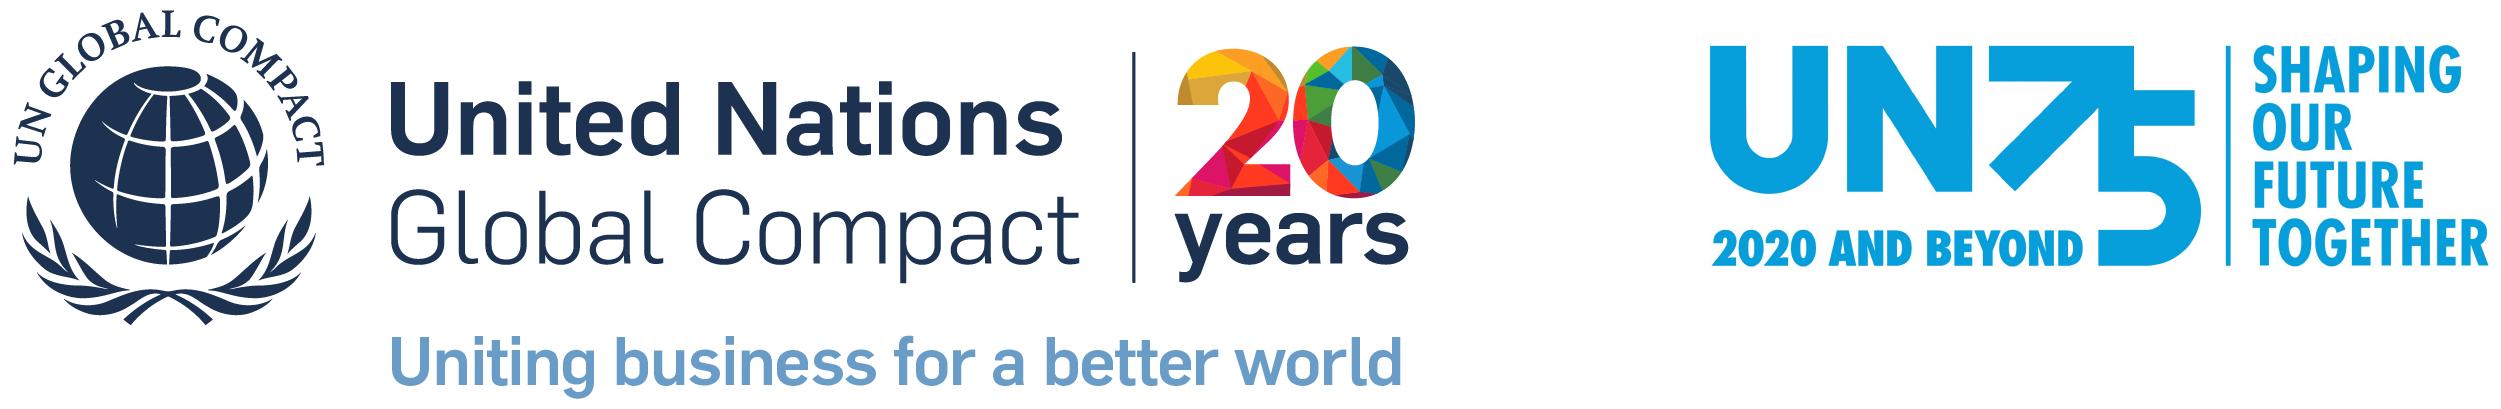 Pacto Global llama a los líderes empresariales a firmar declaración en apoyo a la cooperación global